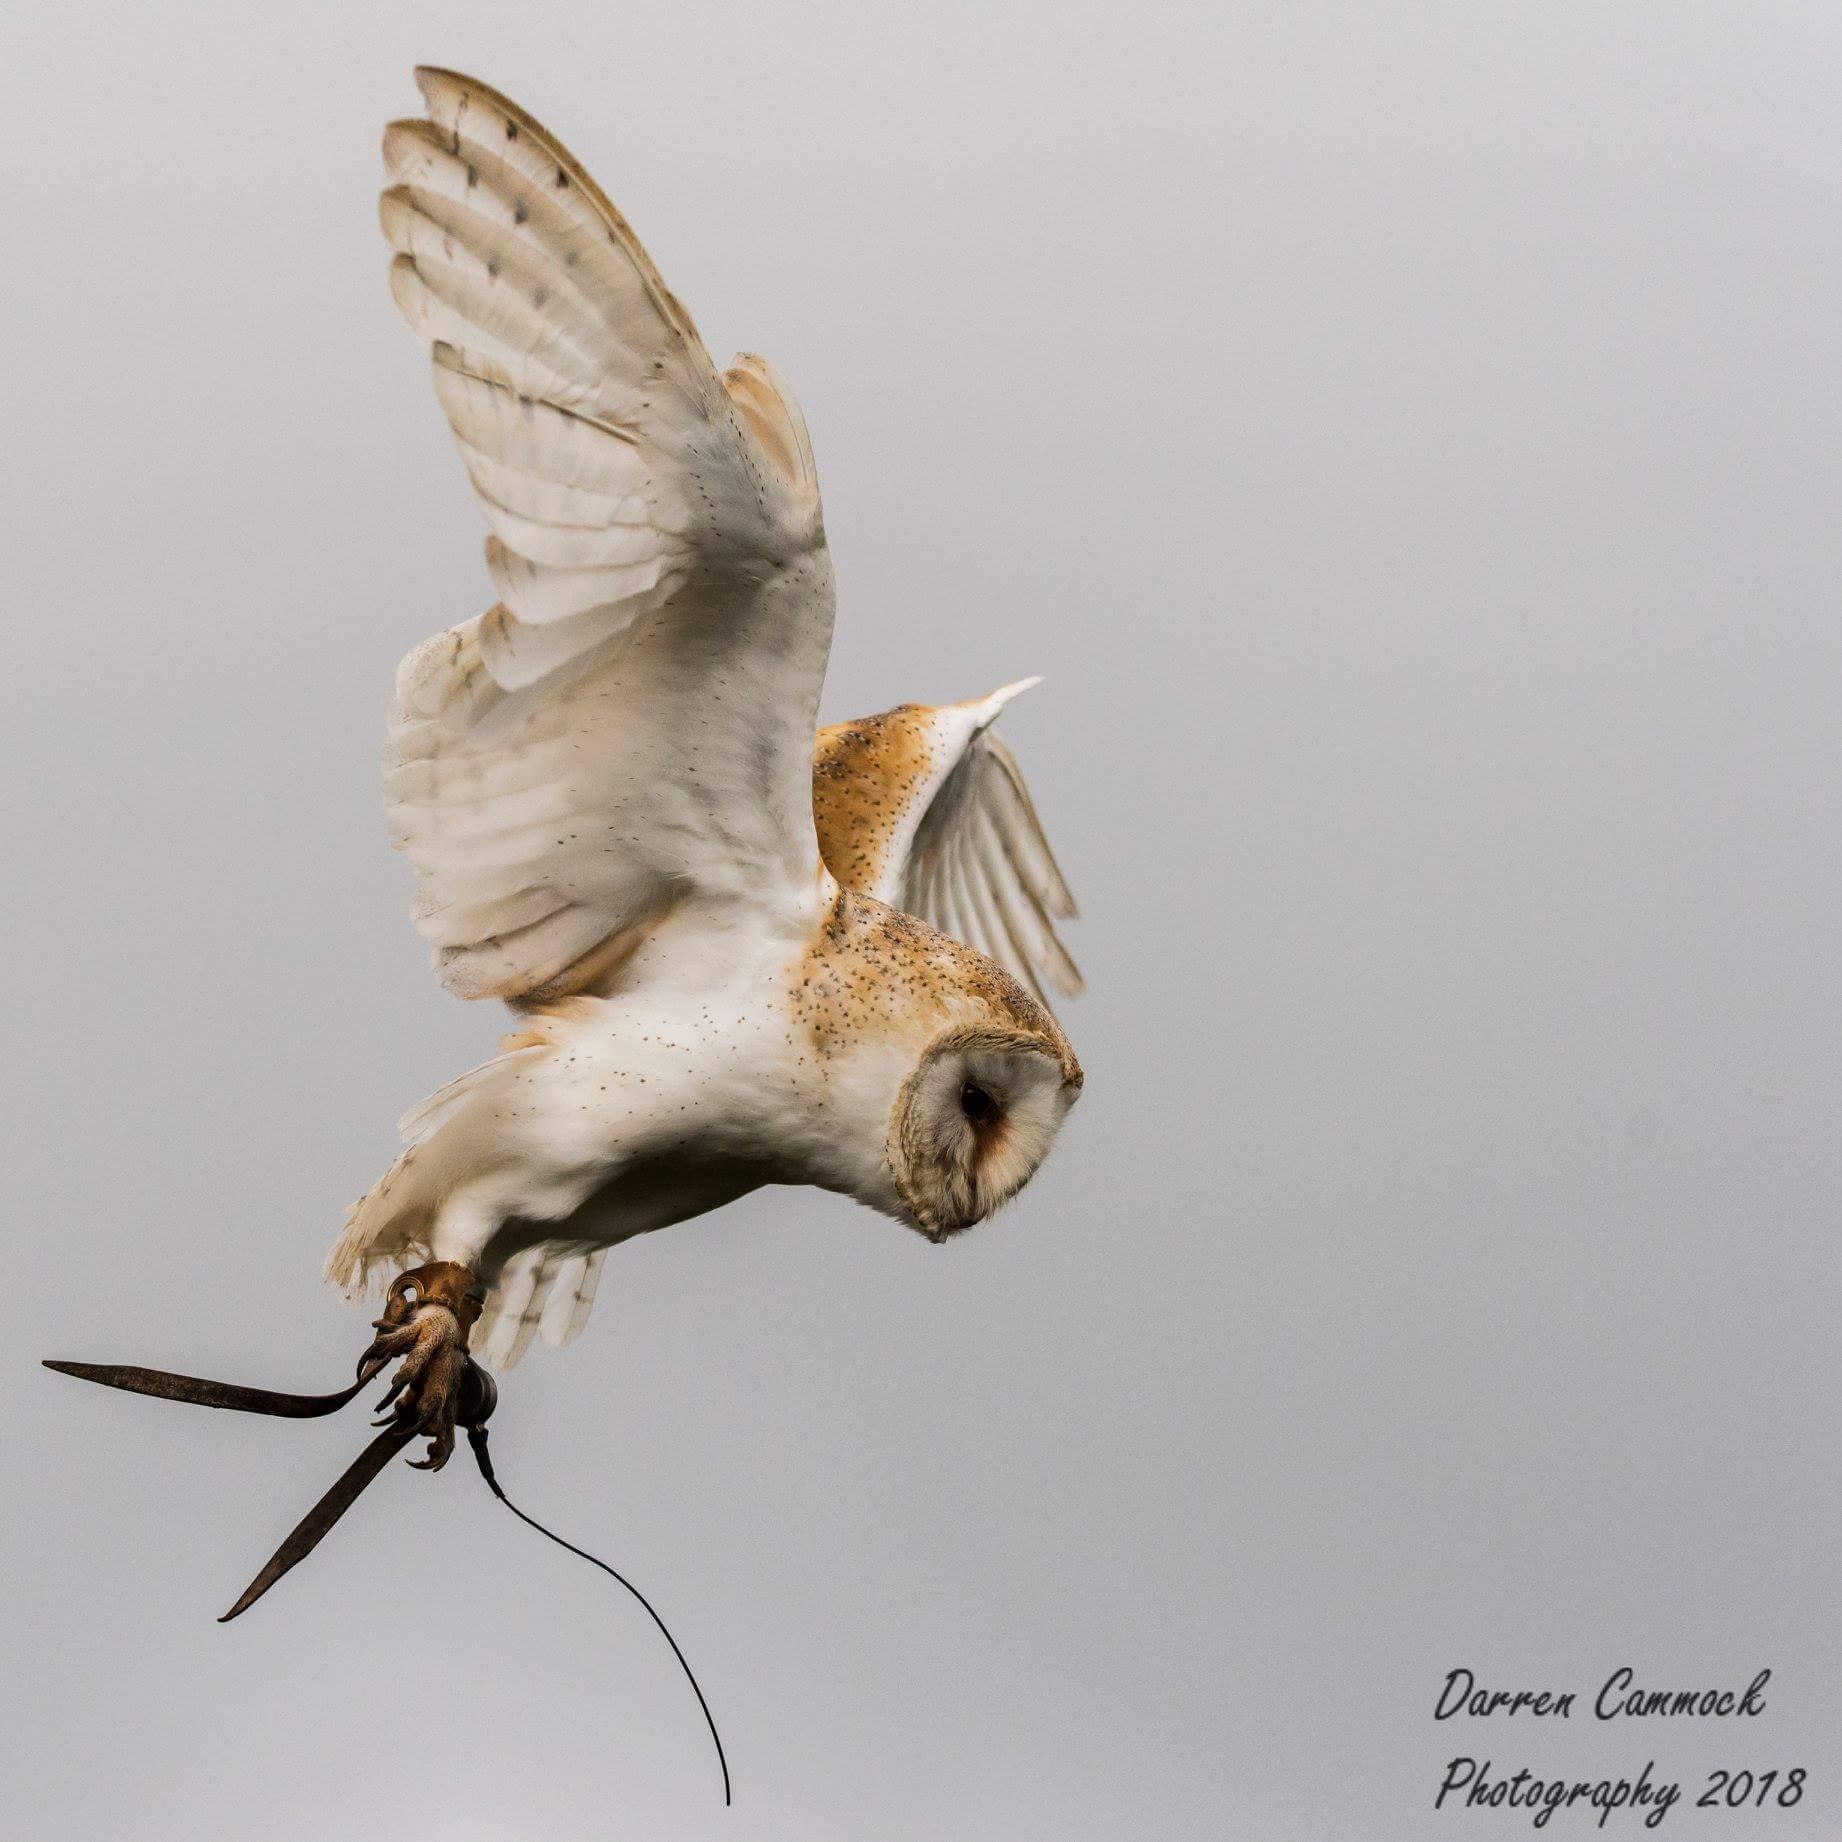 Barn Owl by darrencammock